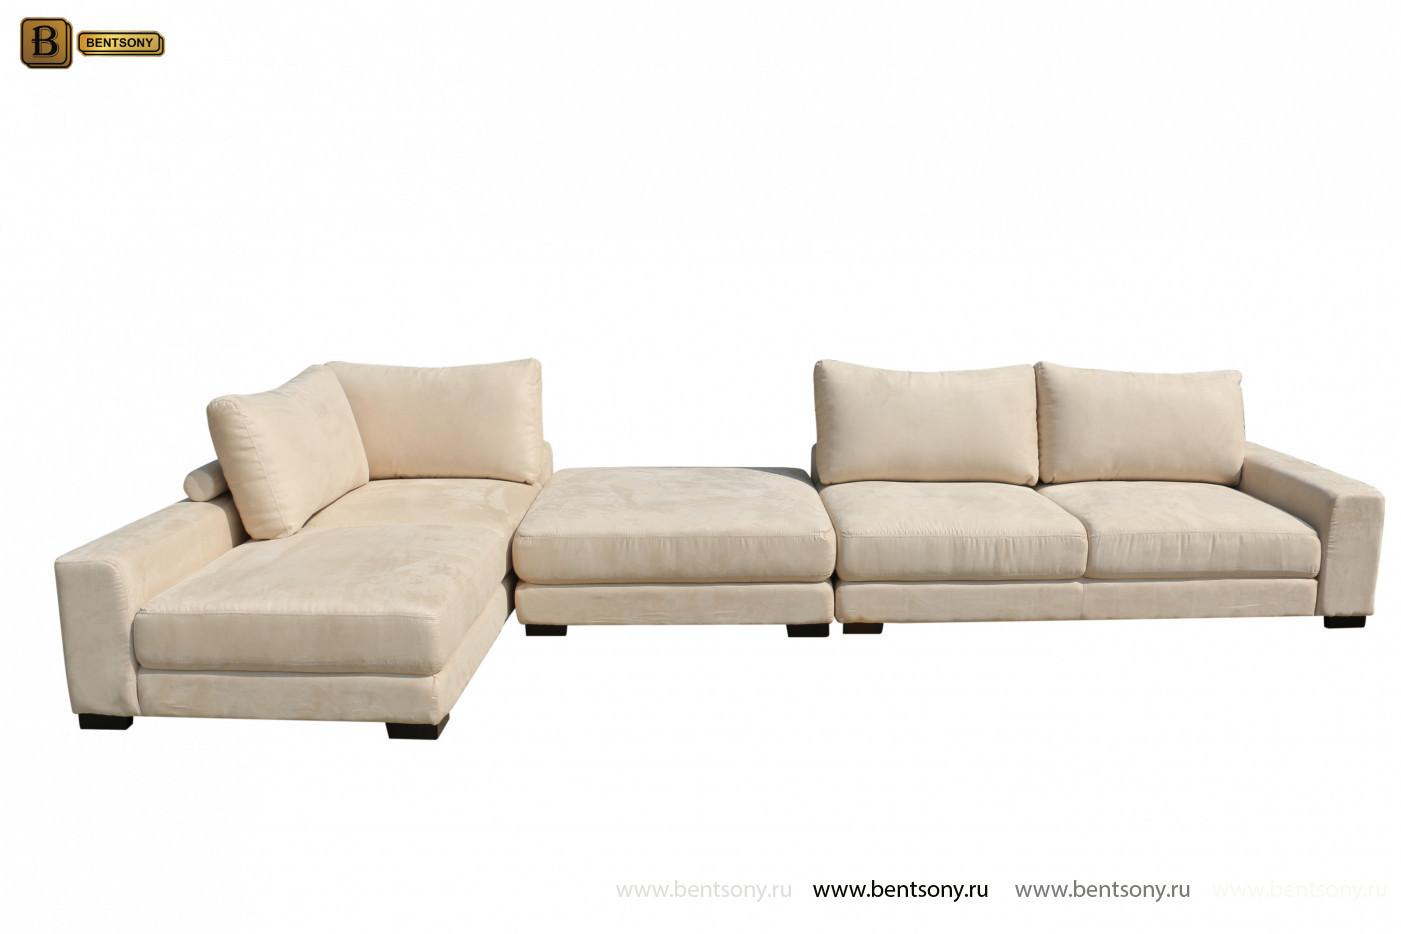 Элитный диван замша Луиджи для гостиной